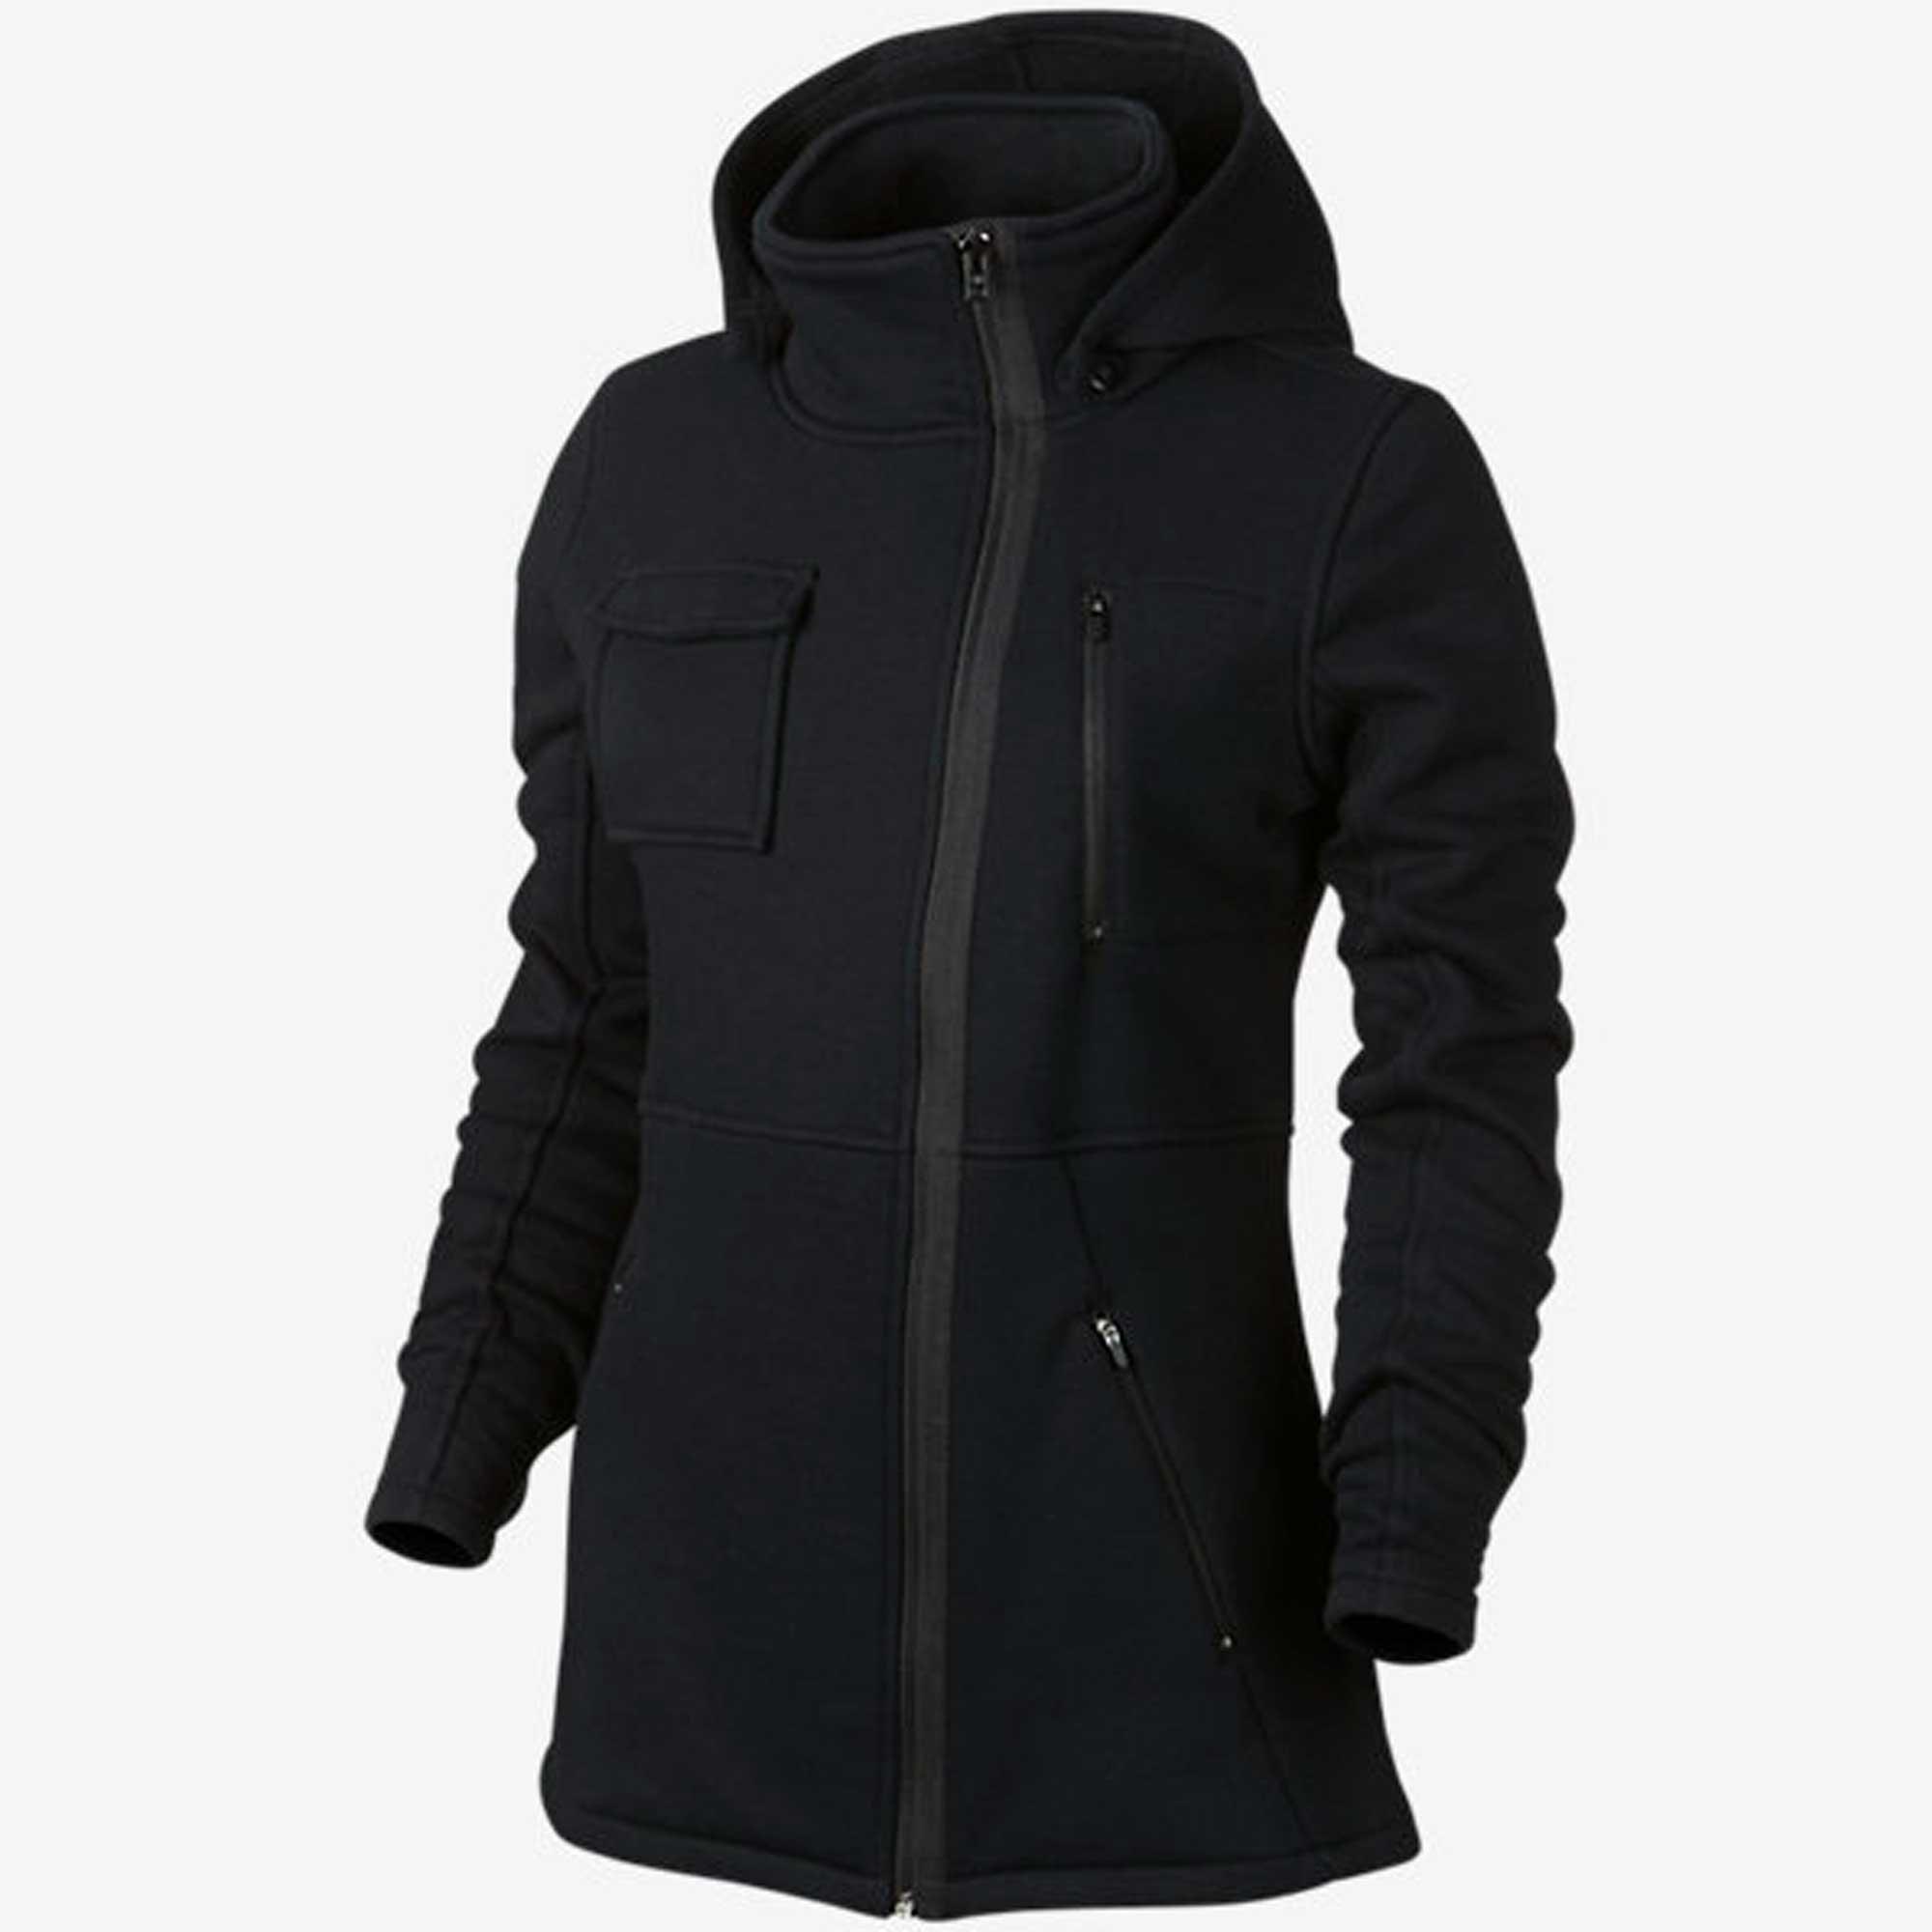 Hurley Women's Winchester Fleece Black 1 Outerwear MD (US 7-9)